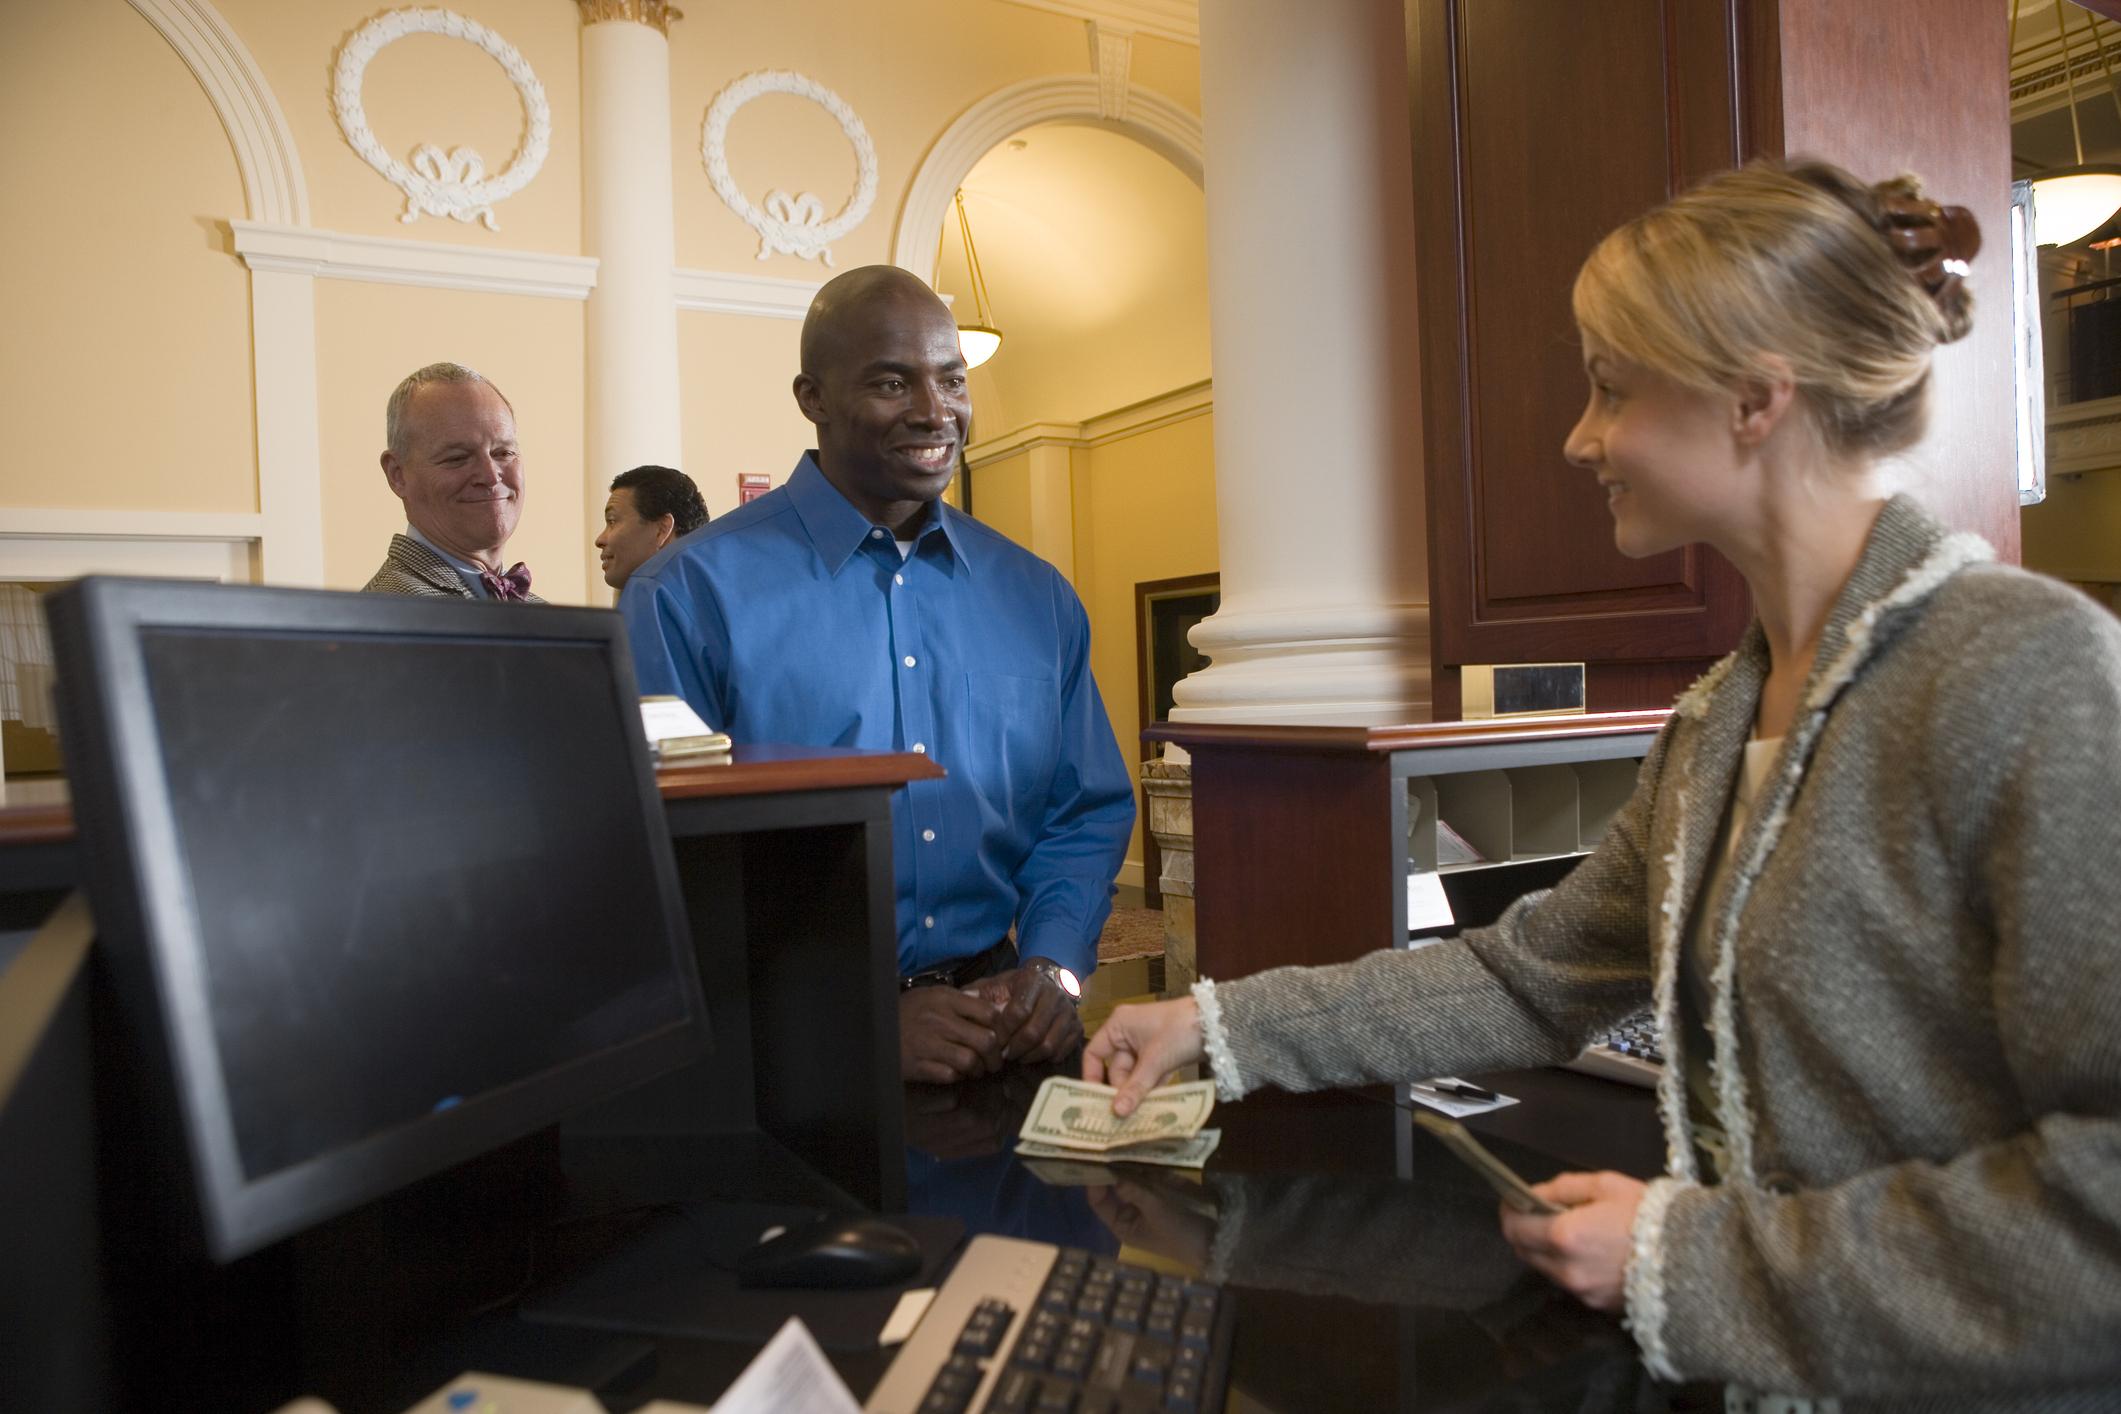 A bank teller handing a customer cash.